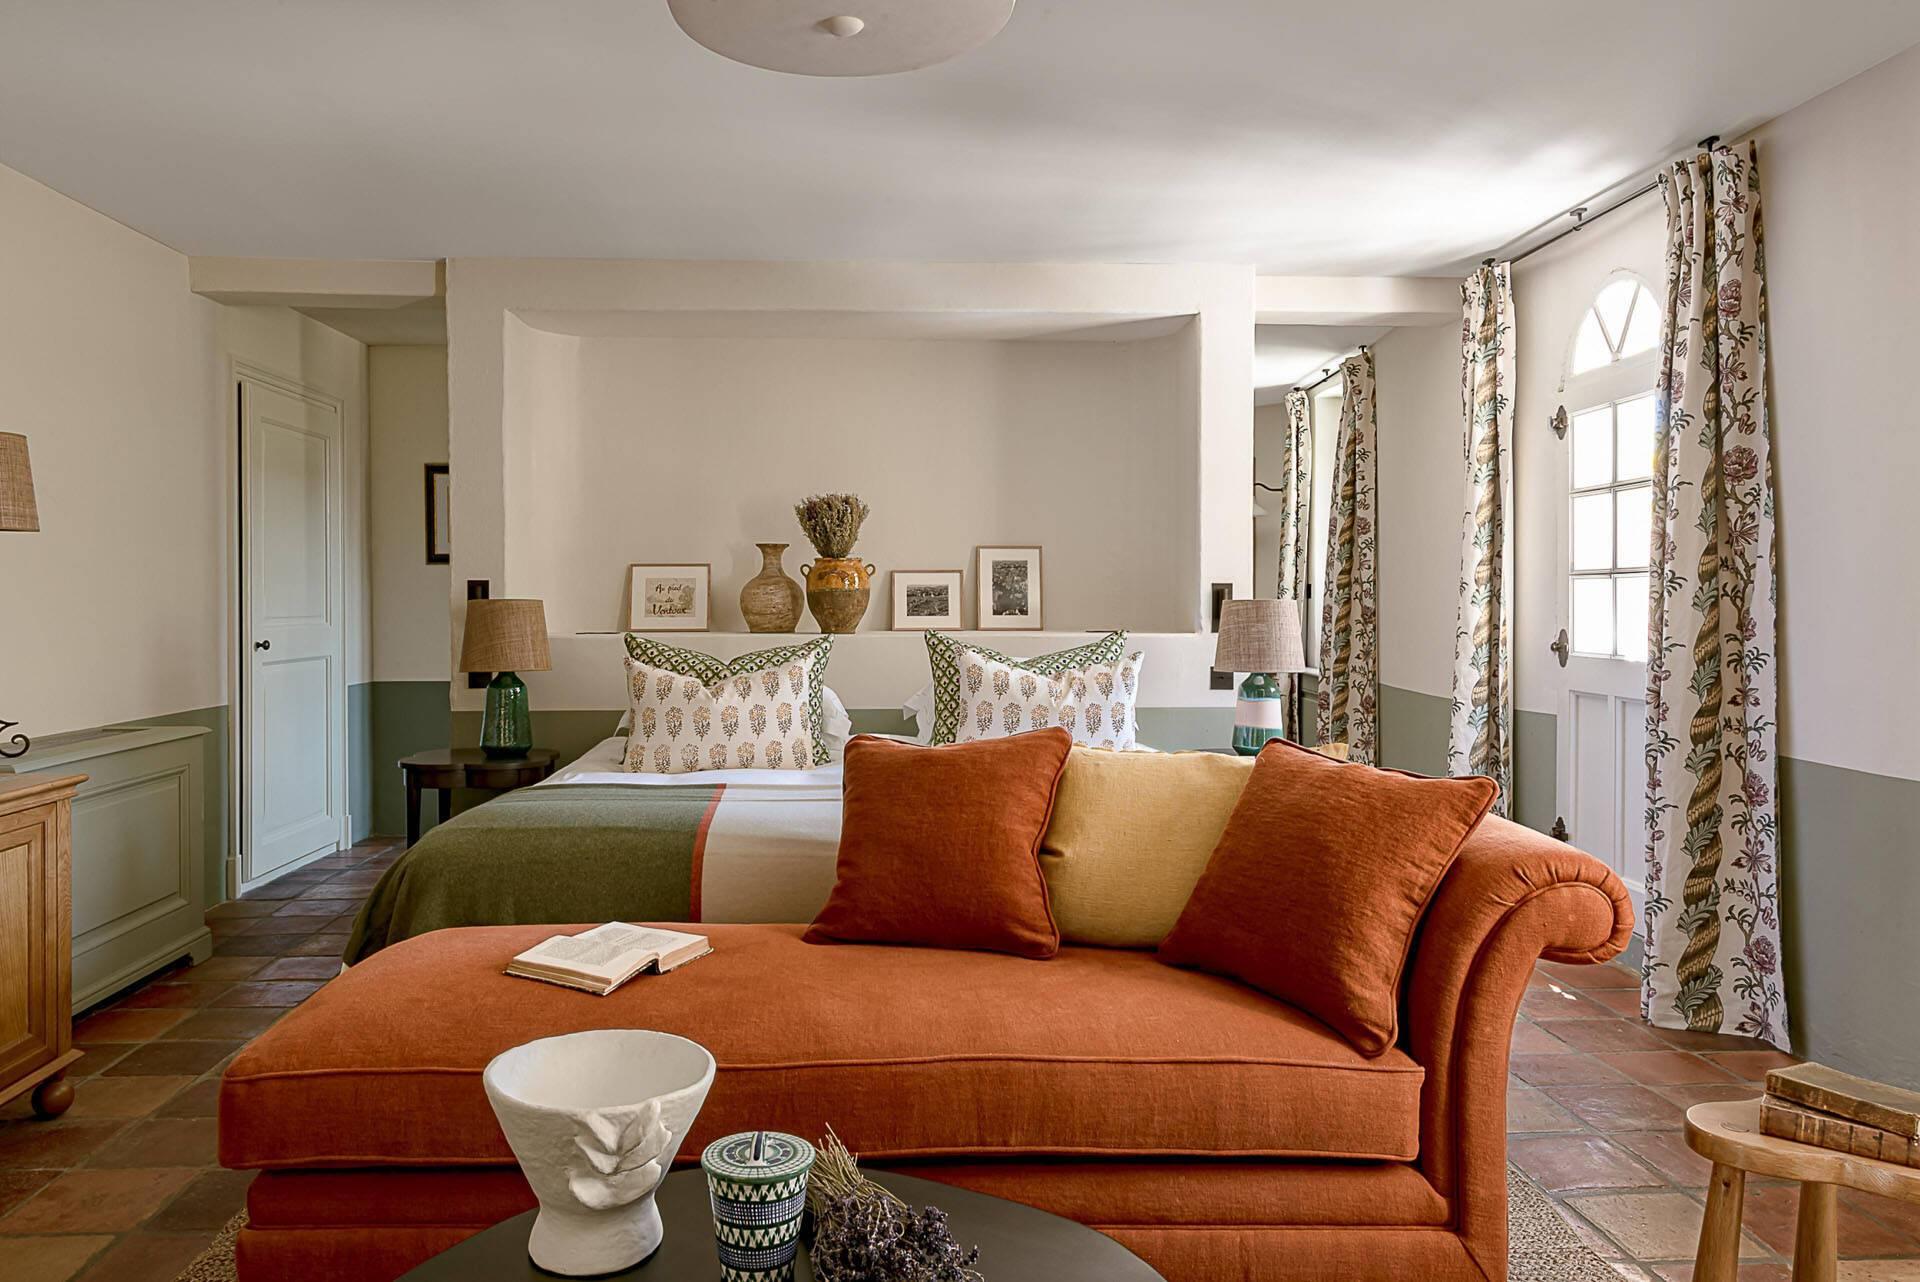 Hotel Crillon Le Brave Provence P Locqueneux Chambre Prestige